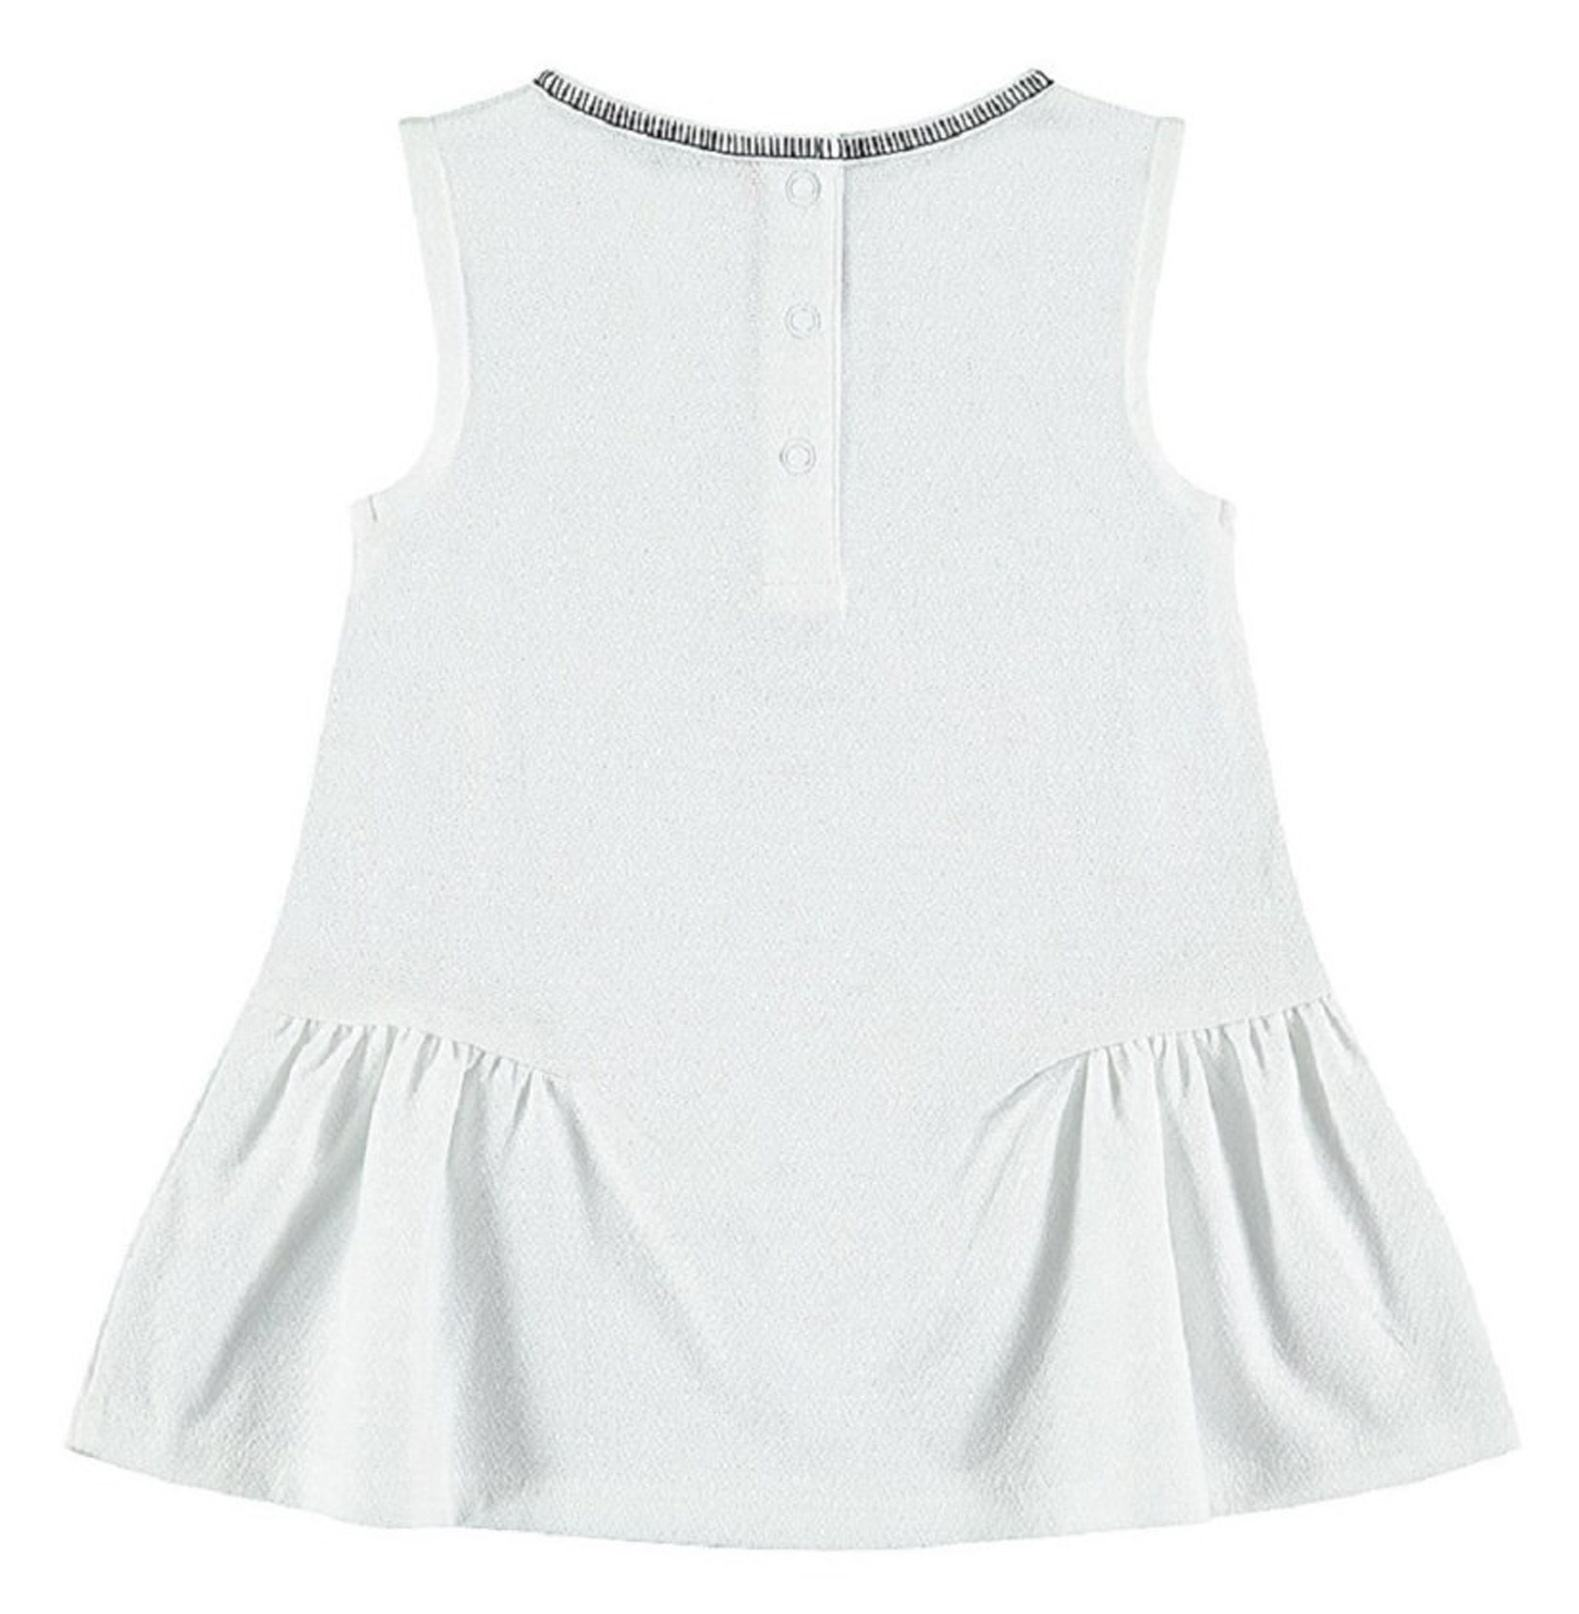 پیراهن نخی بدون آستین نوزادی - ارکسترا - سفيد - 2